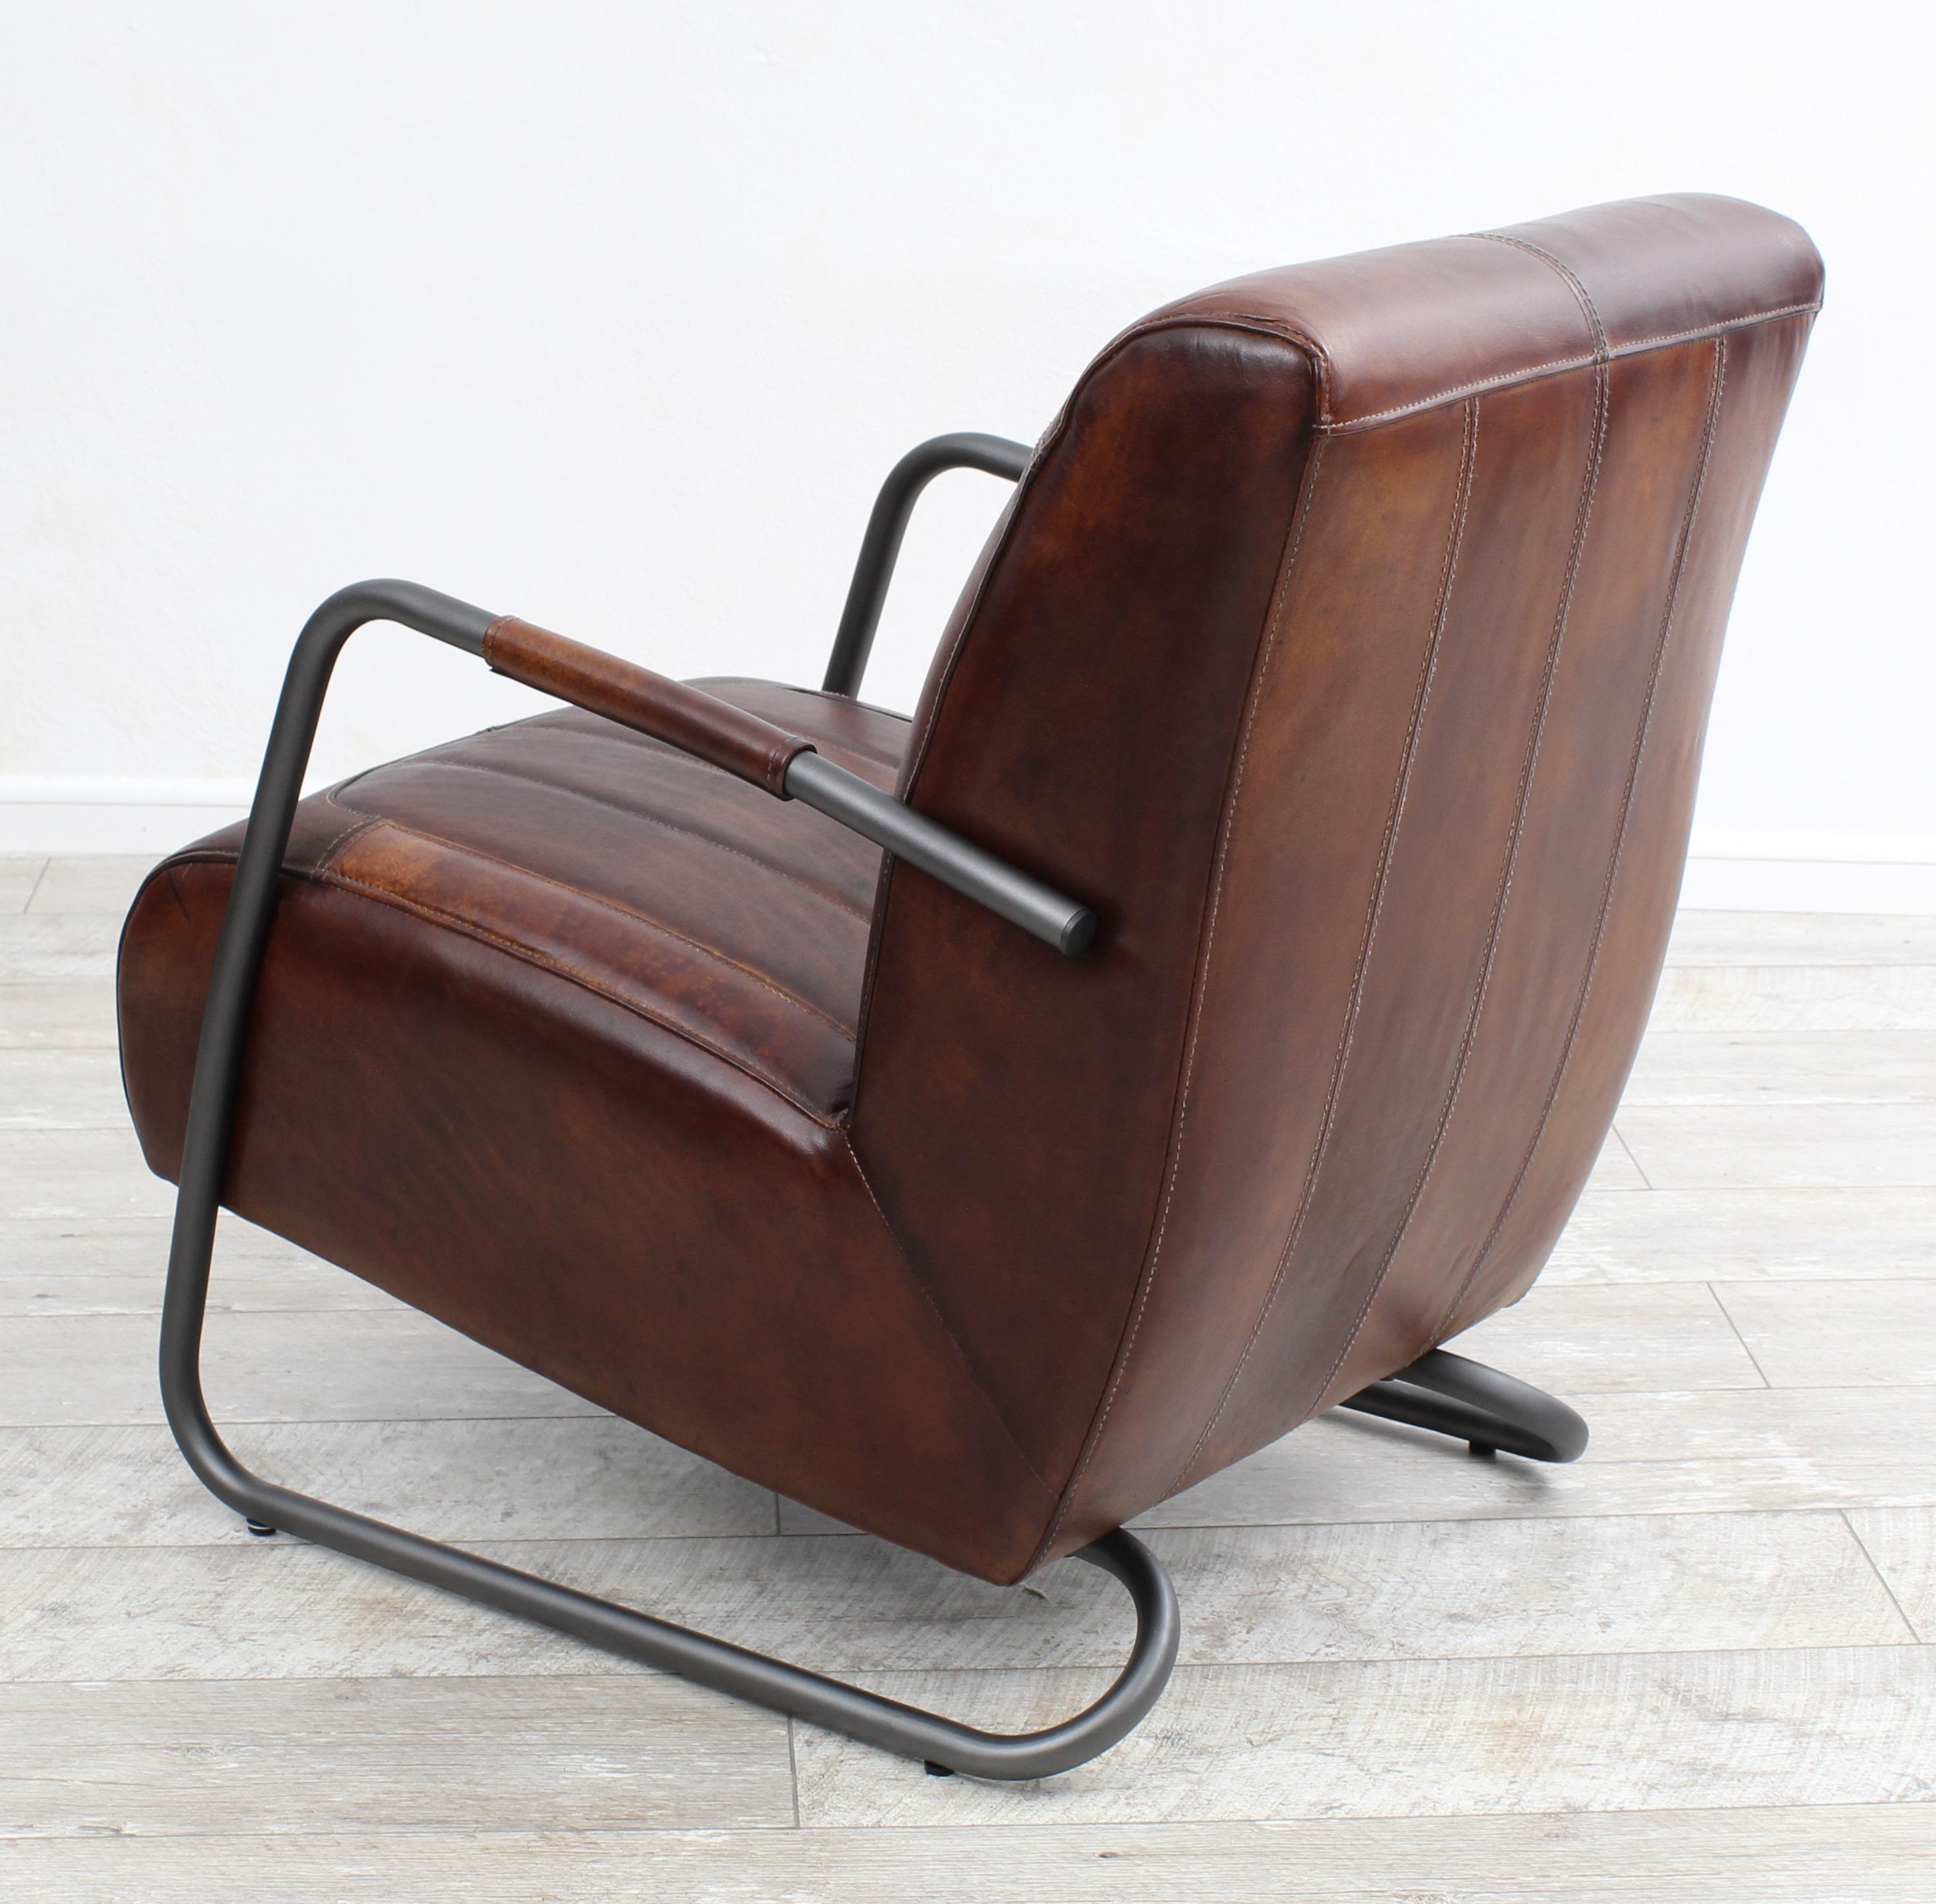 aktiv sessel stuhl designer m nchen nr 2. Black Bedroom Furniture Sets. Home Design Ideas